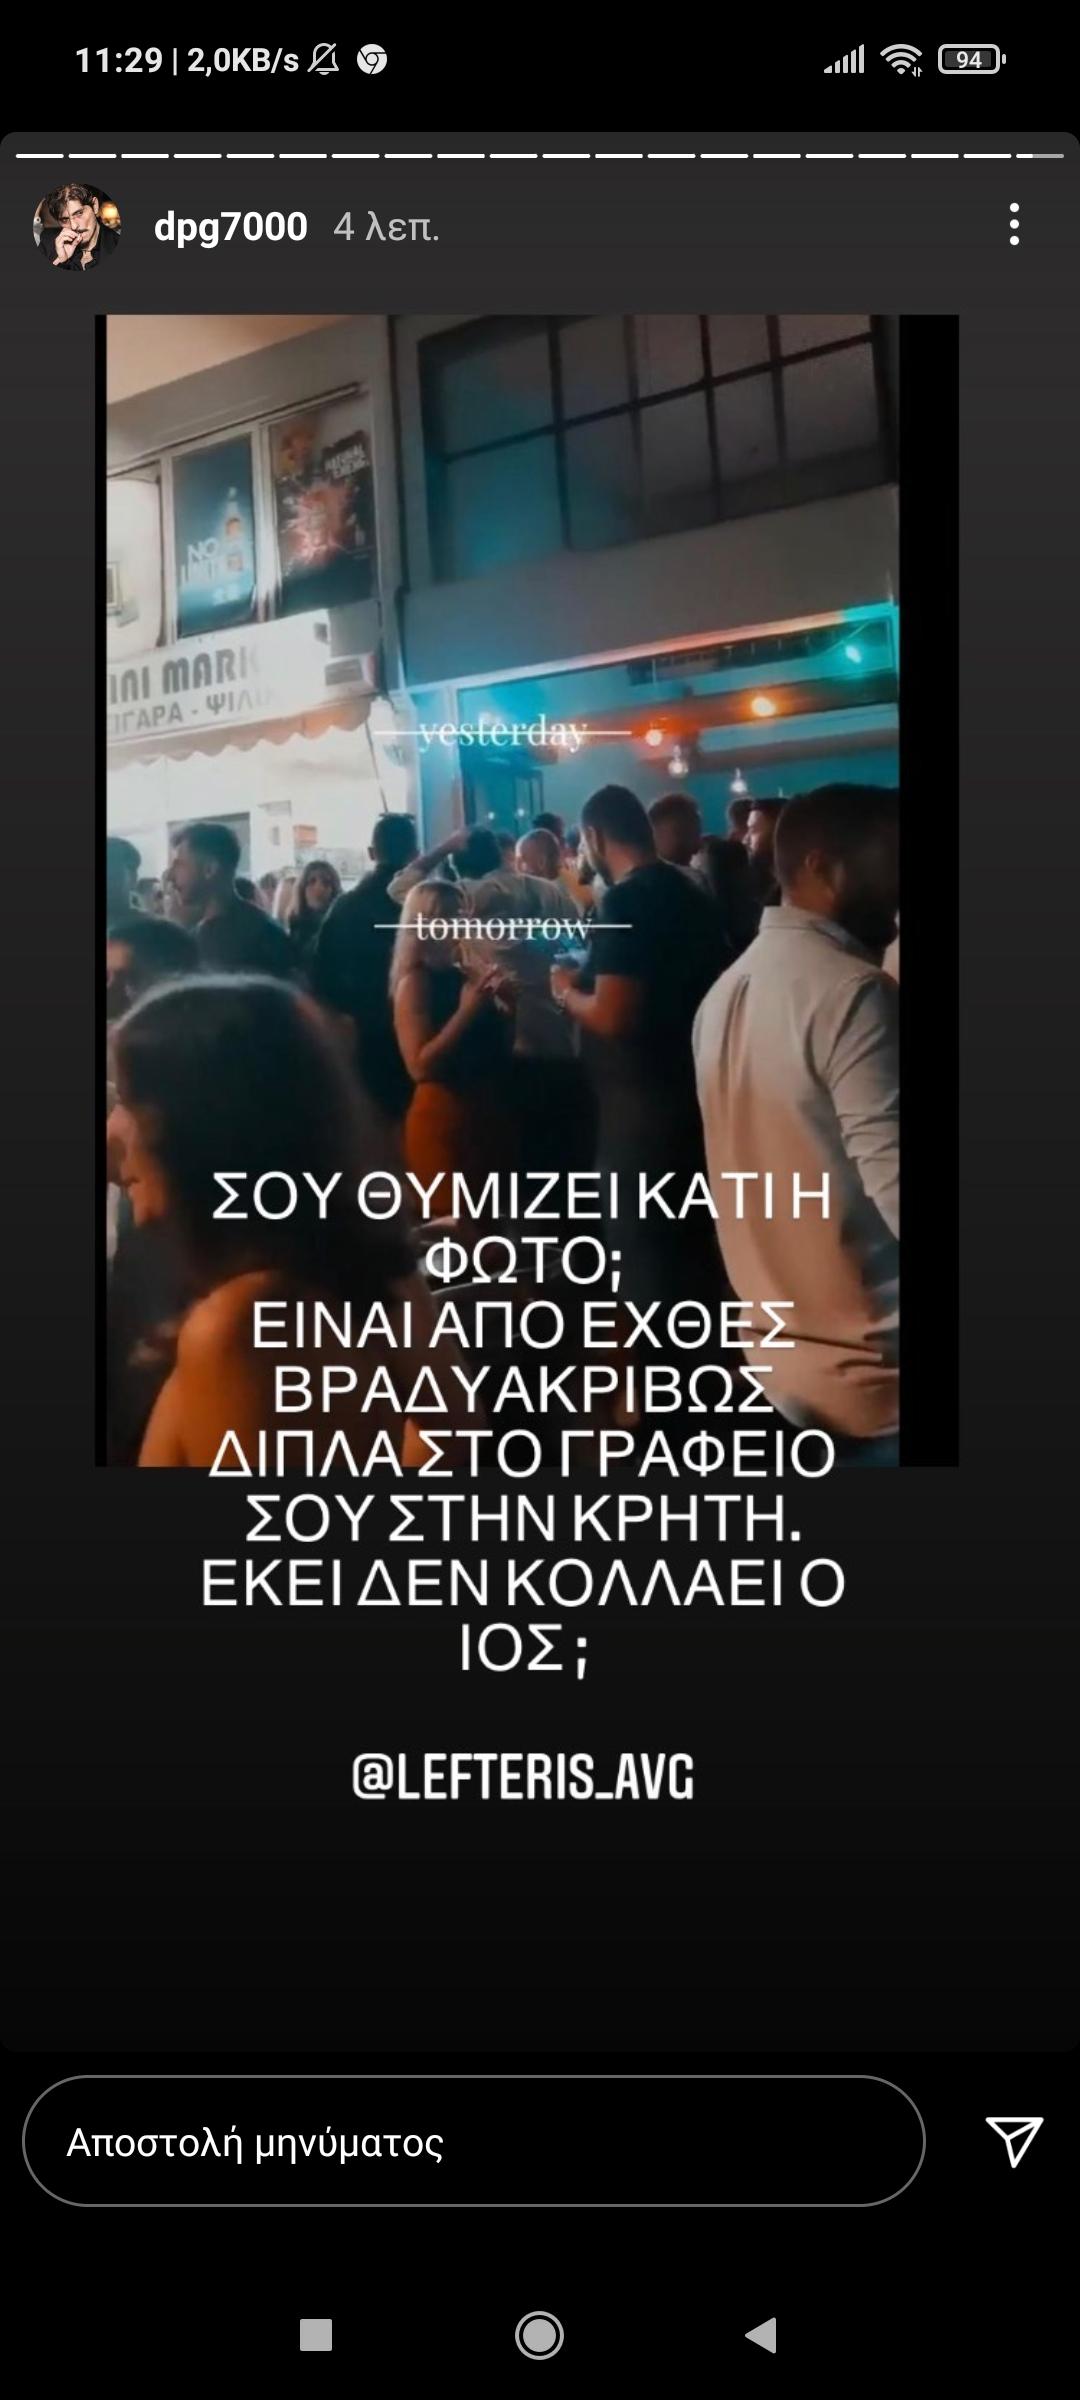 """Γιαννακόπουλος προς Αυγενάκη: """"Σου θυμίζει κάτι αυτή η φωτογραφία;"""" (pic)"""